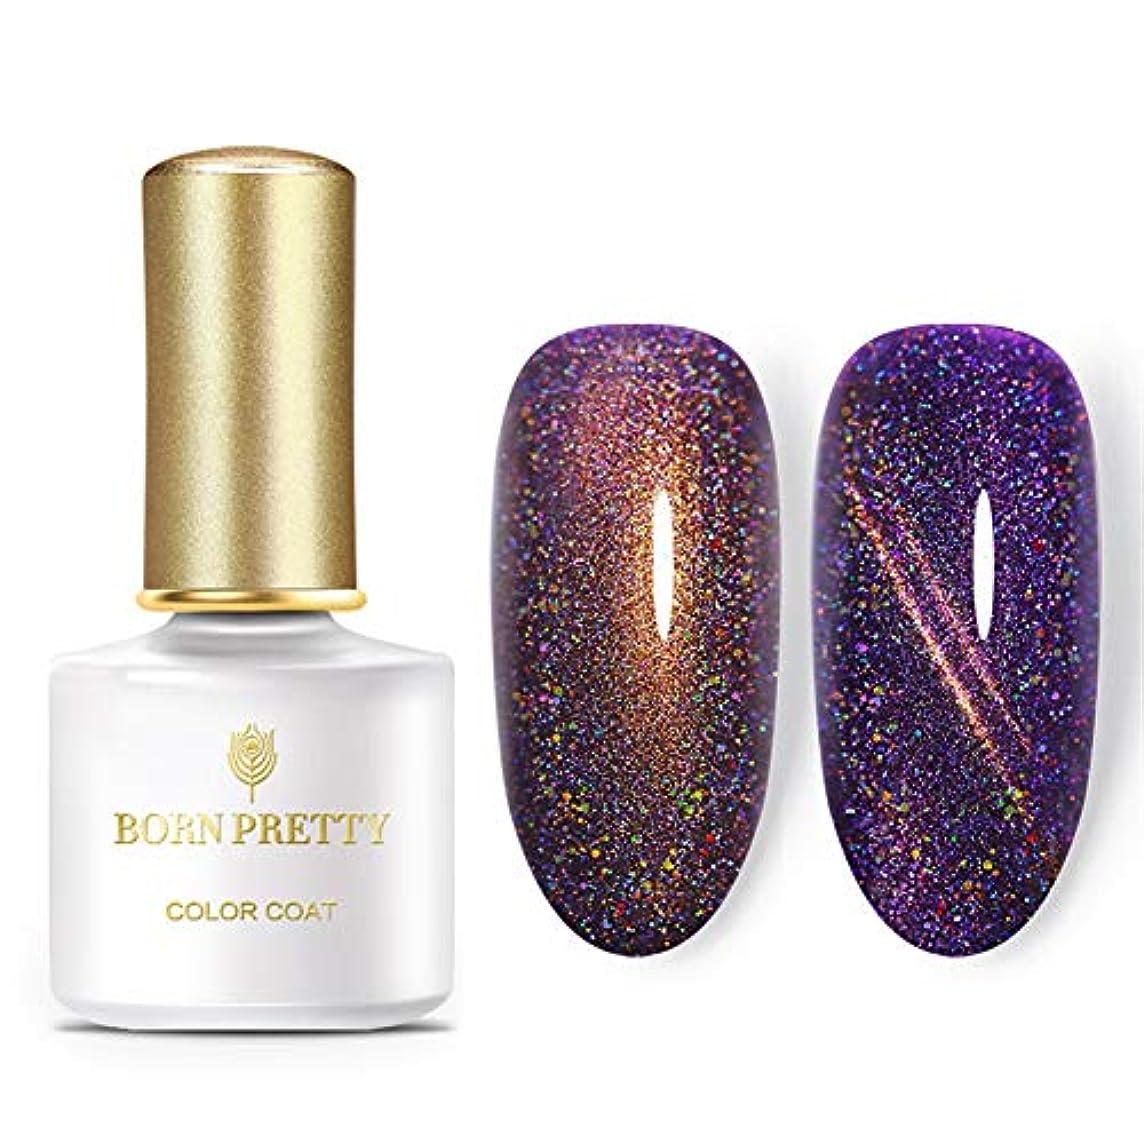 魔女思慮のないリテラシーBORN PRETTY ホロキャツアイジェルカラー 10色選択可 虹のような輝き マグネットで模様が入る UV/LED両対応 カラージェル 6ml [並行輸入品]